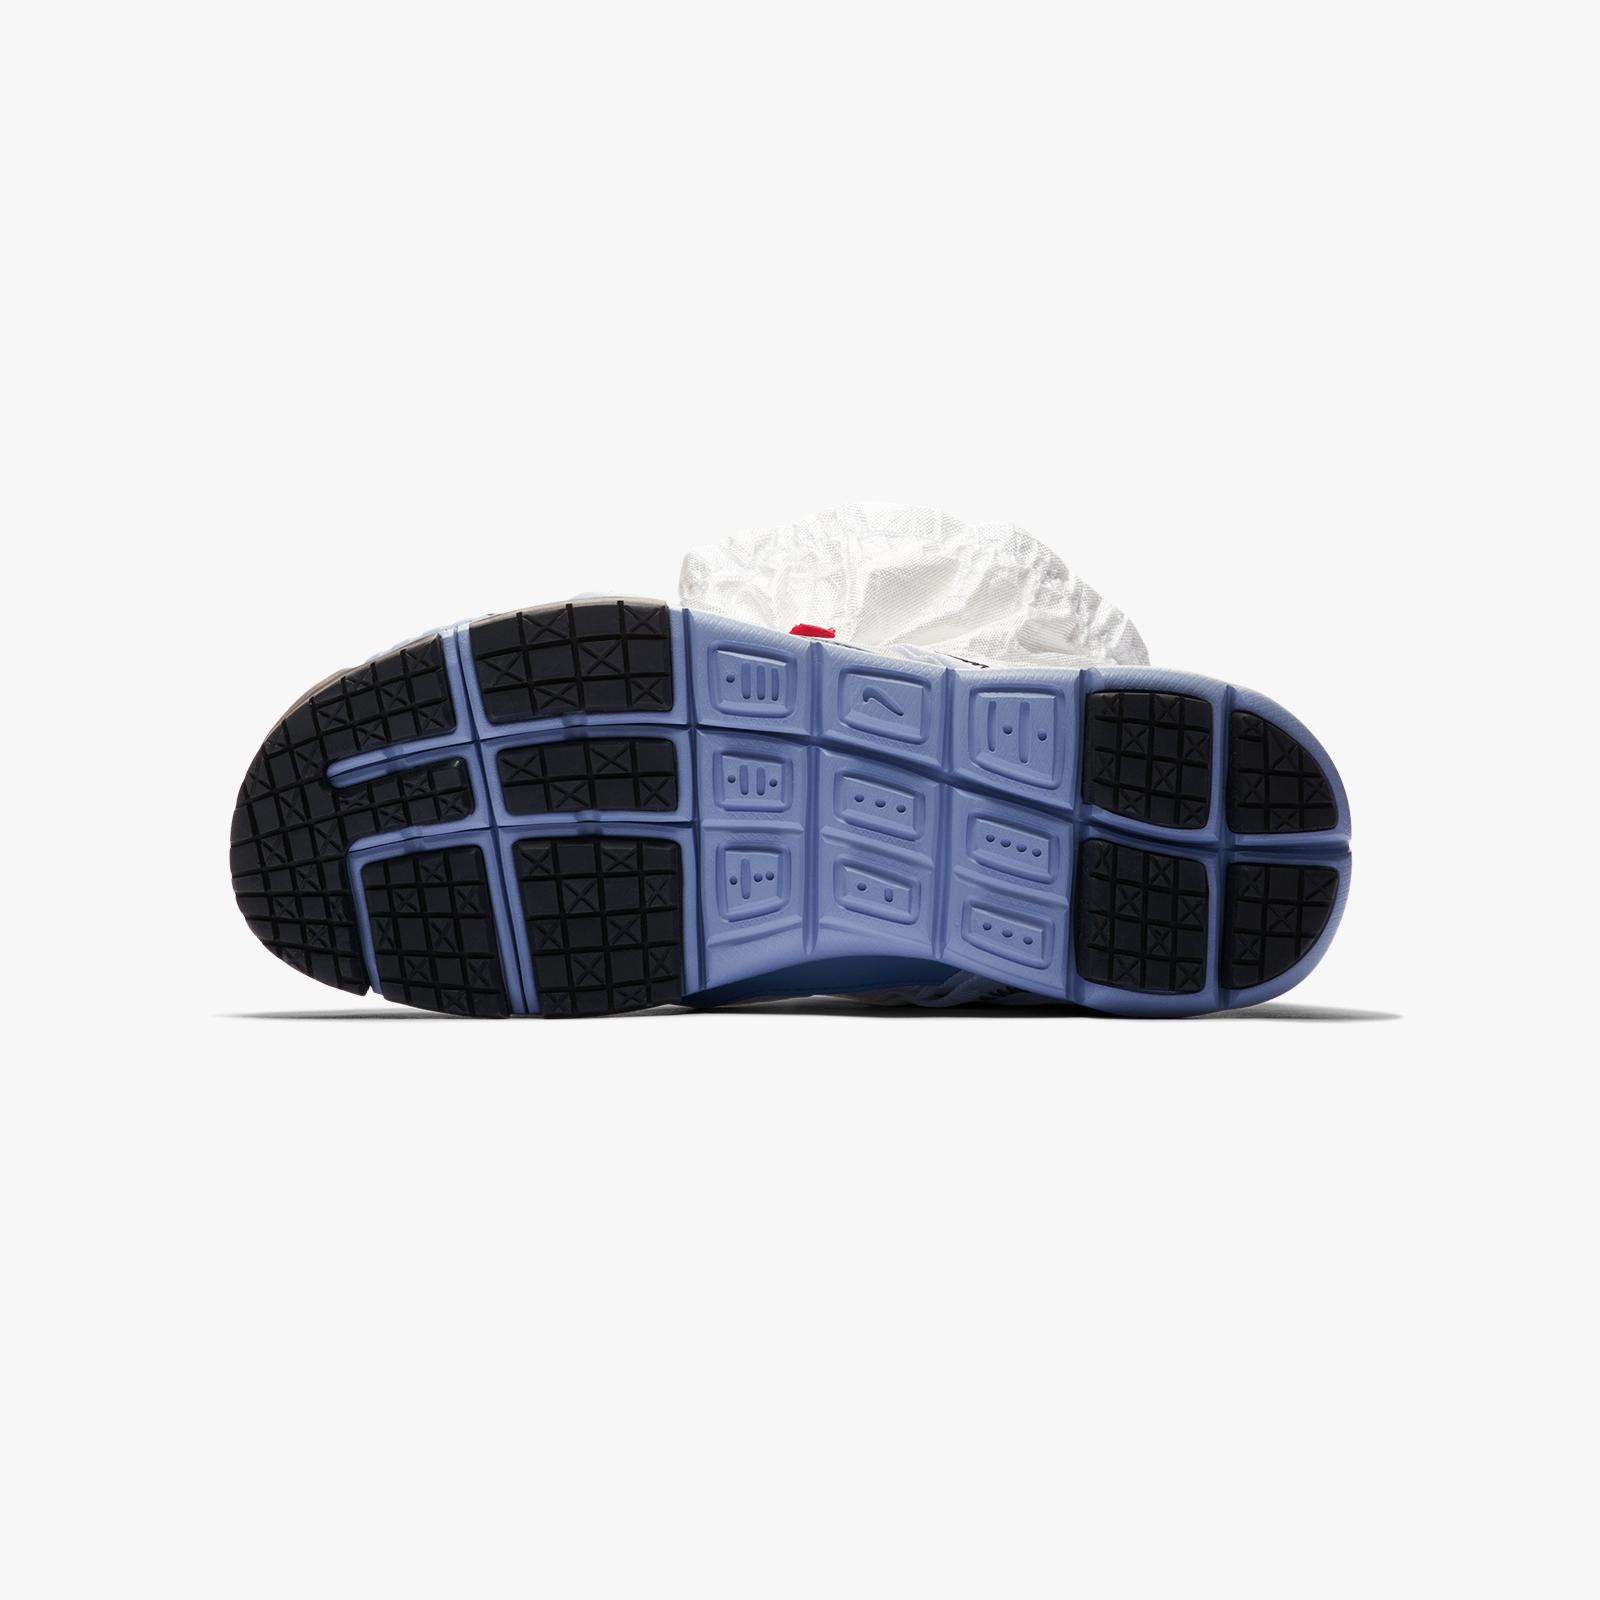 87f0021d700 Nike Mars Yard Overshoe - Ah7767-101 - Sneakersnstuff